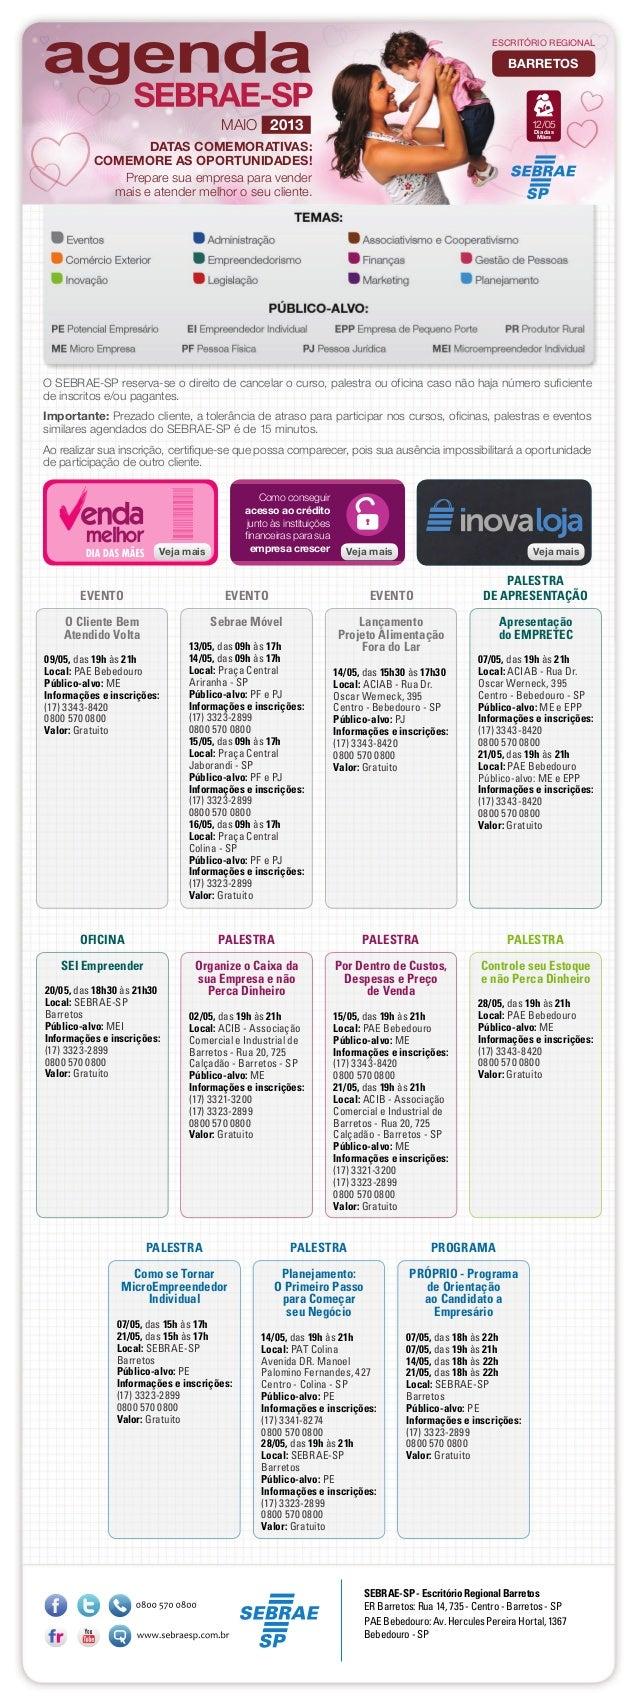 Controle seu Estoquee não Perca Dinheiro28/05, das 19h às 21hLocal: PAE BebedouroPúblico-alvo: MEInformações e inscrições:...